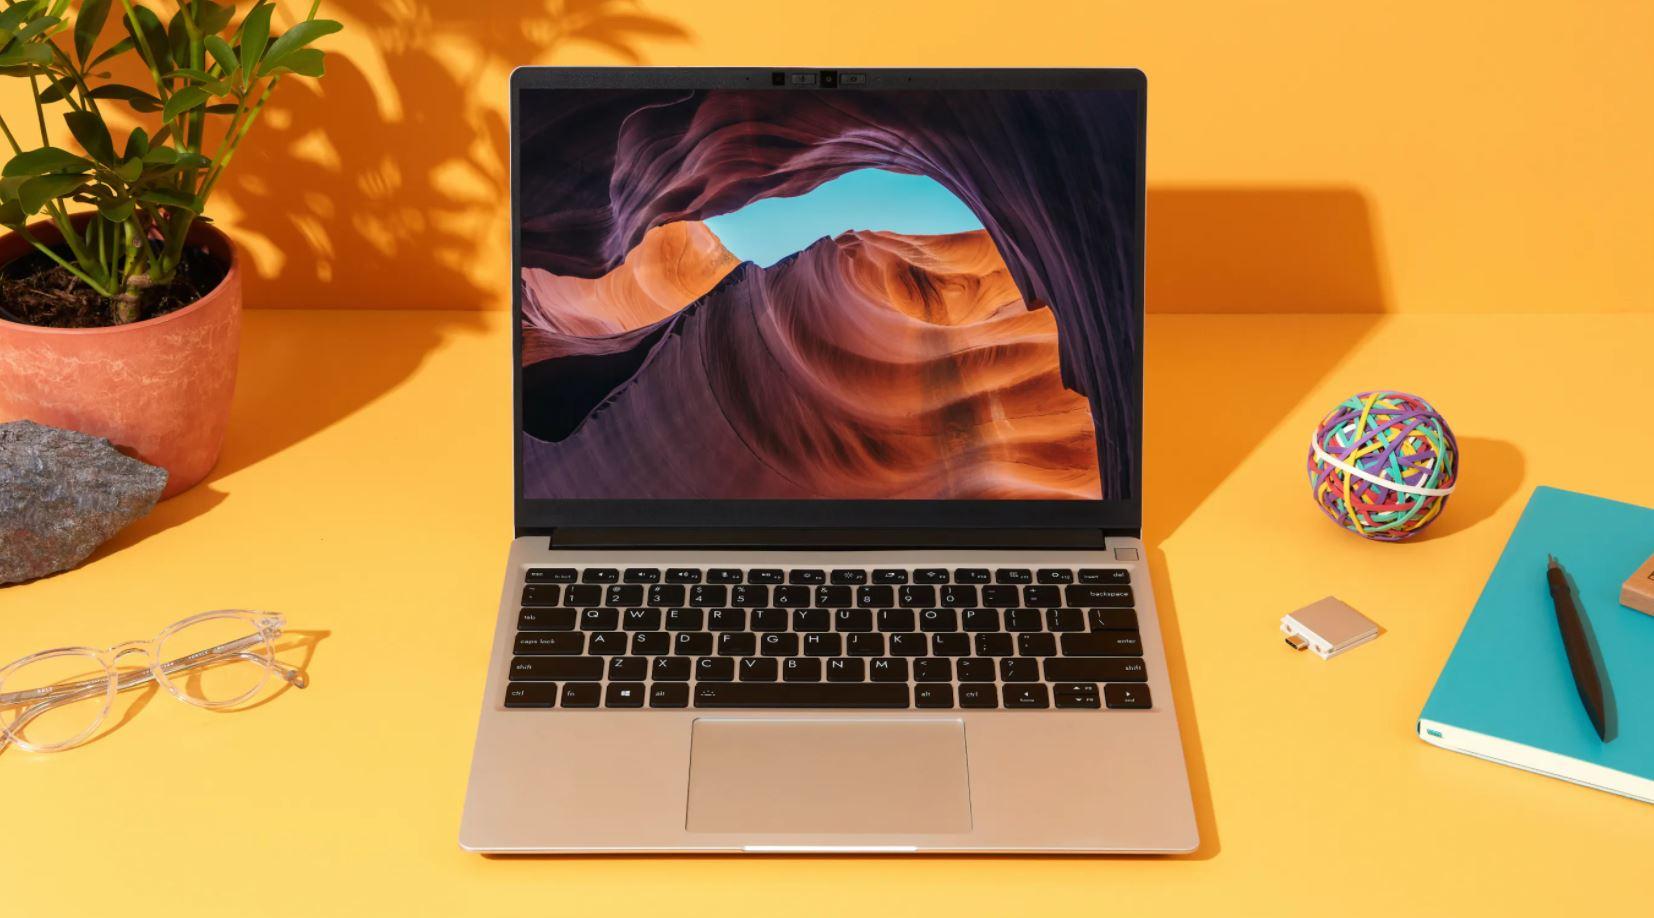 لپ تاپ مدولار و آن چه درباره آن باید بدانید